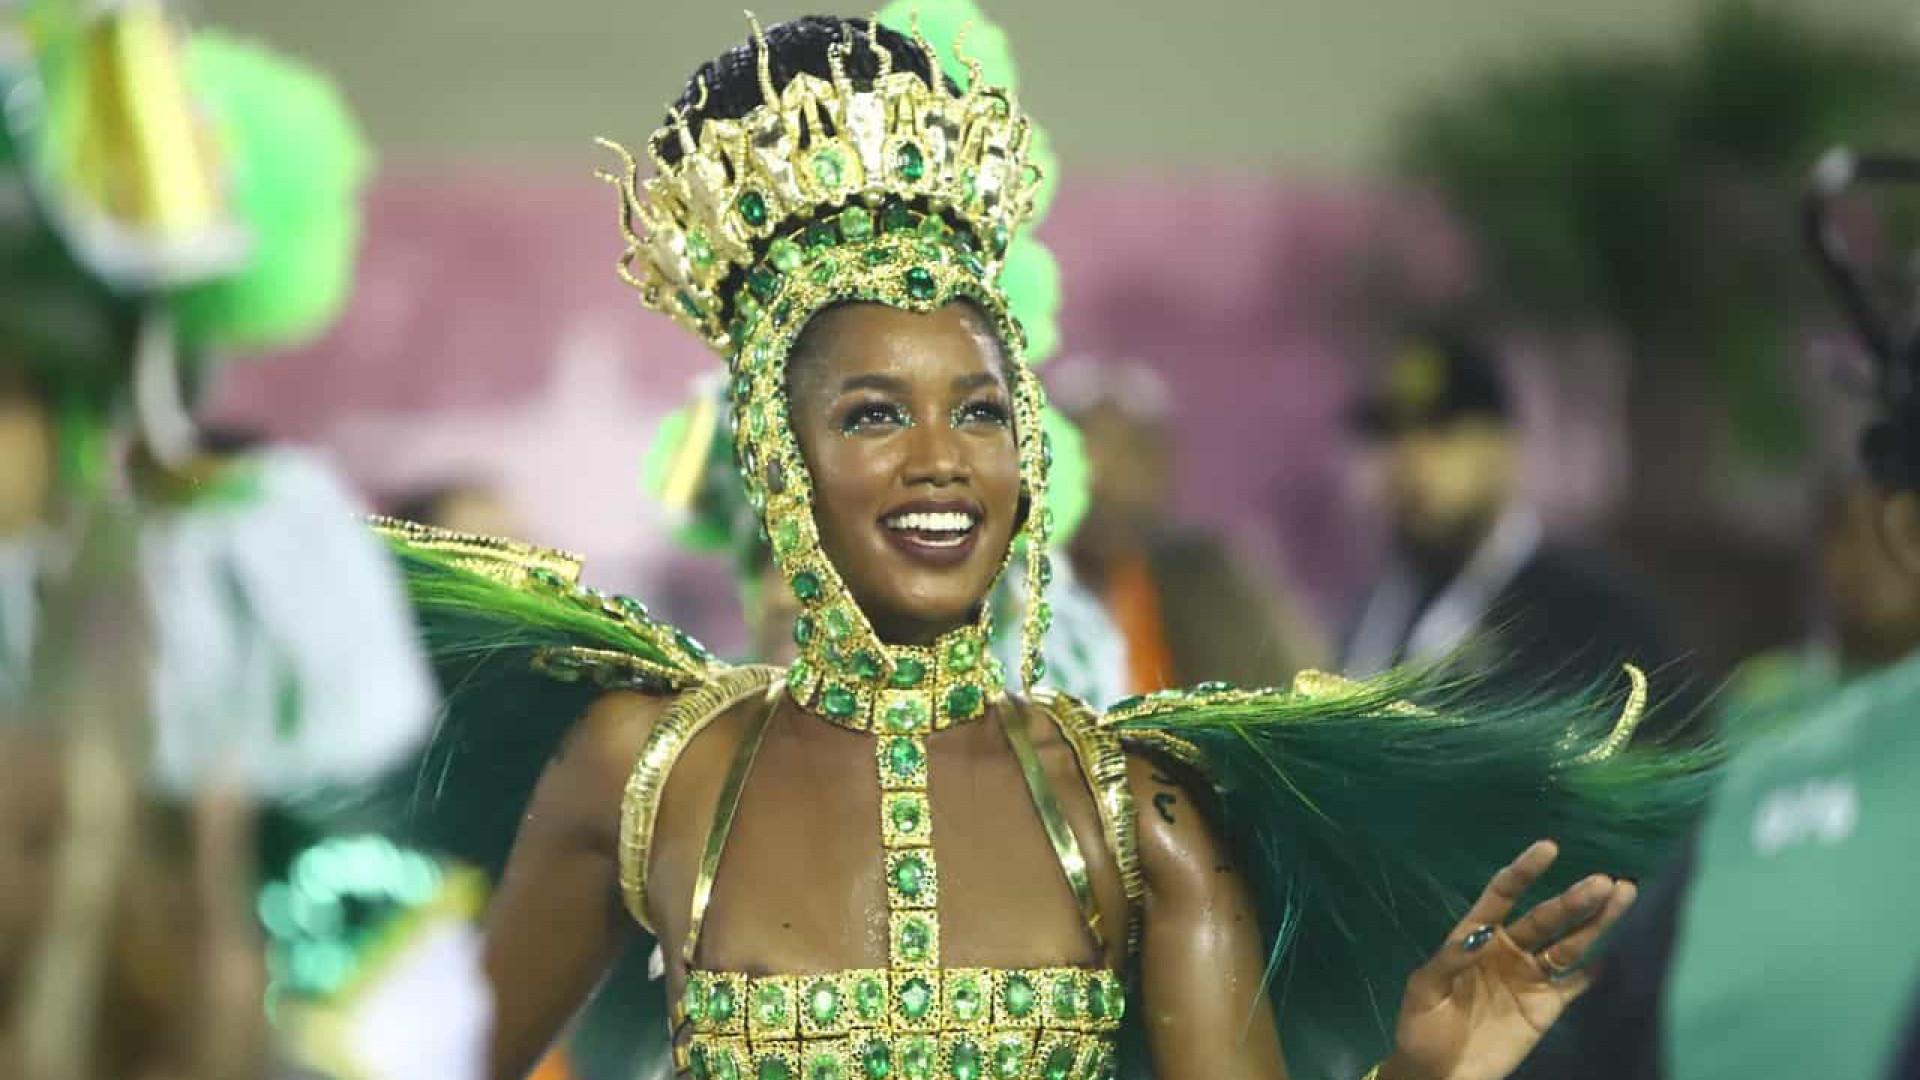 Escolas de samba do Rio assinam contrato para 4 carnavais até 2025